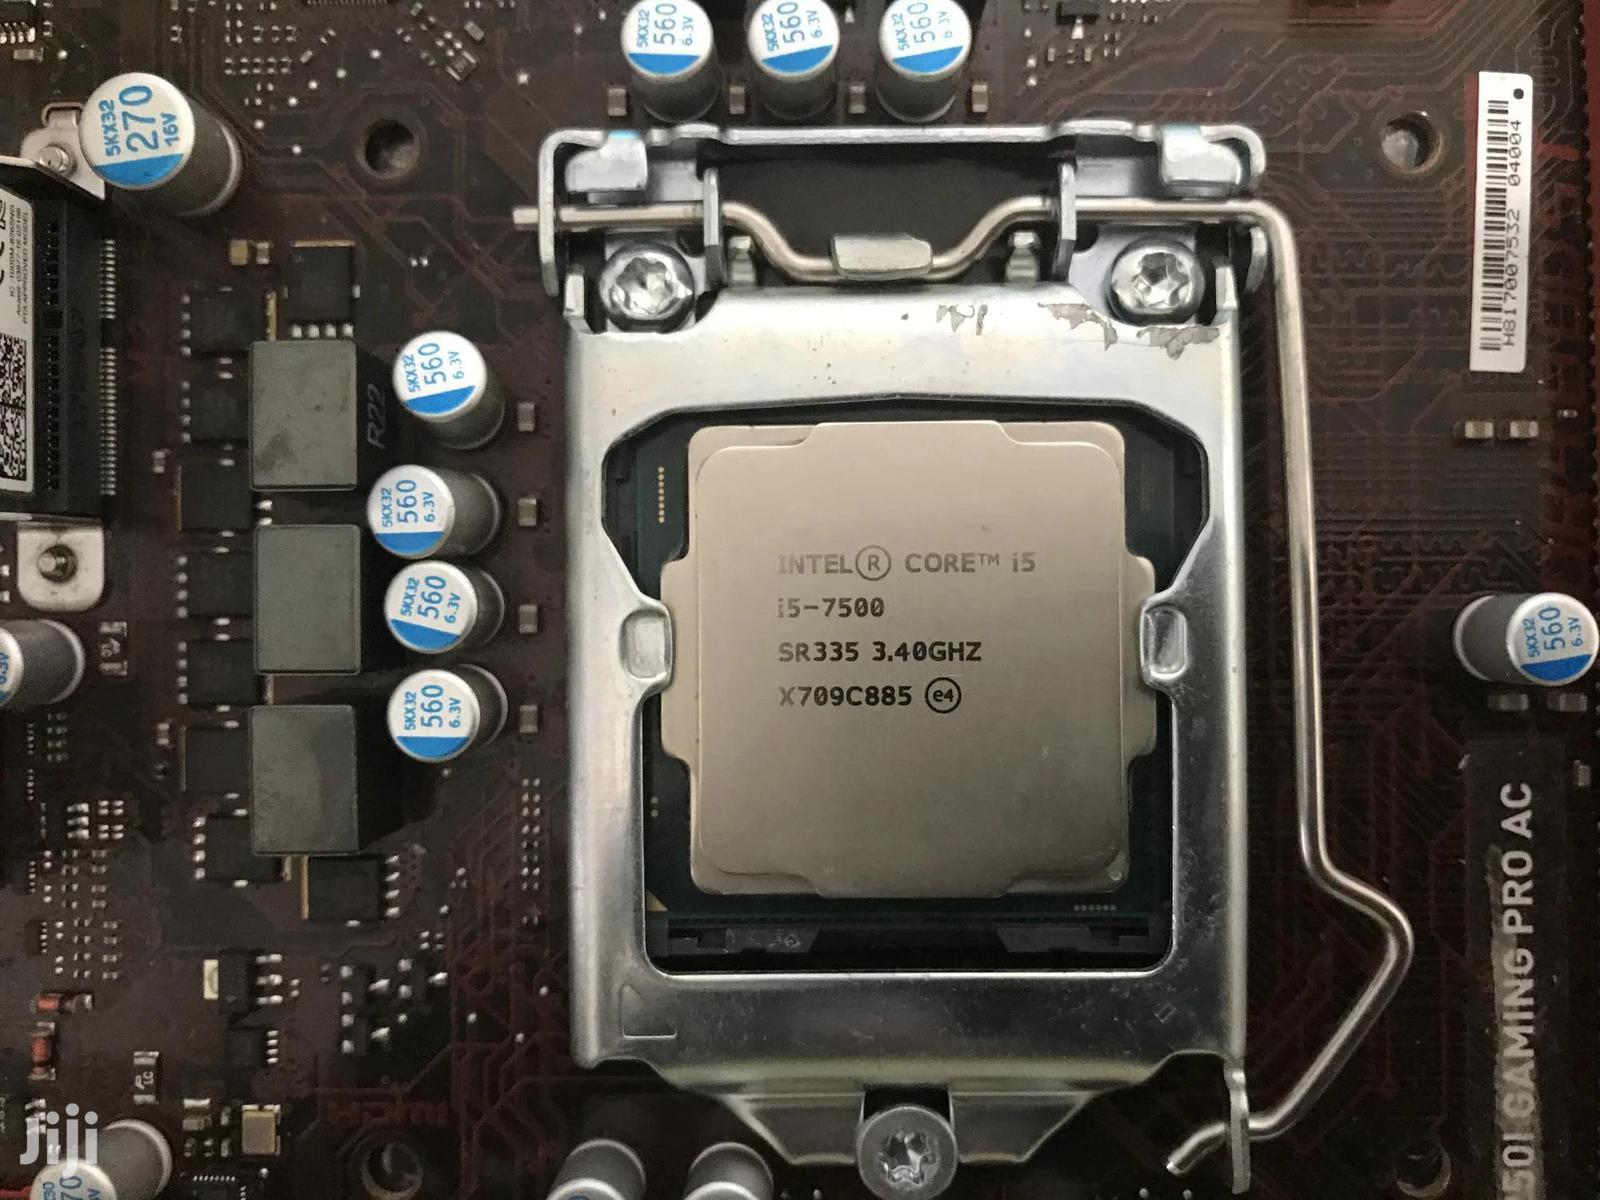 Archive: Intel Core I5-7500 Processor